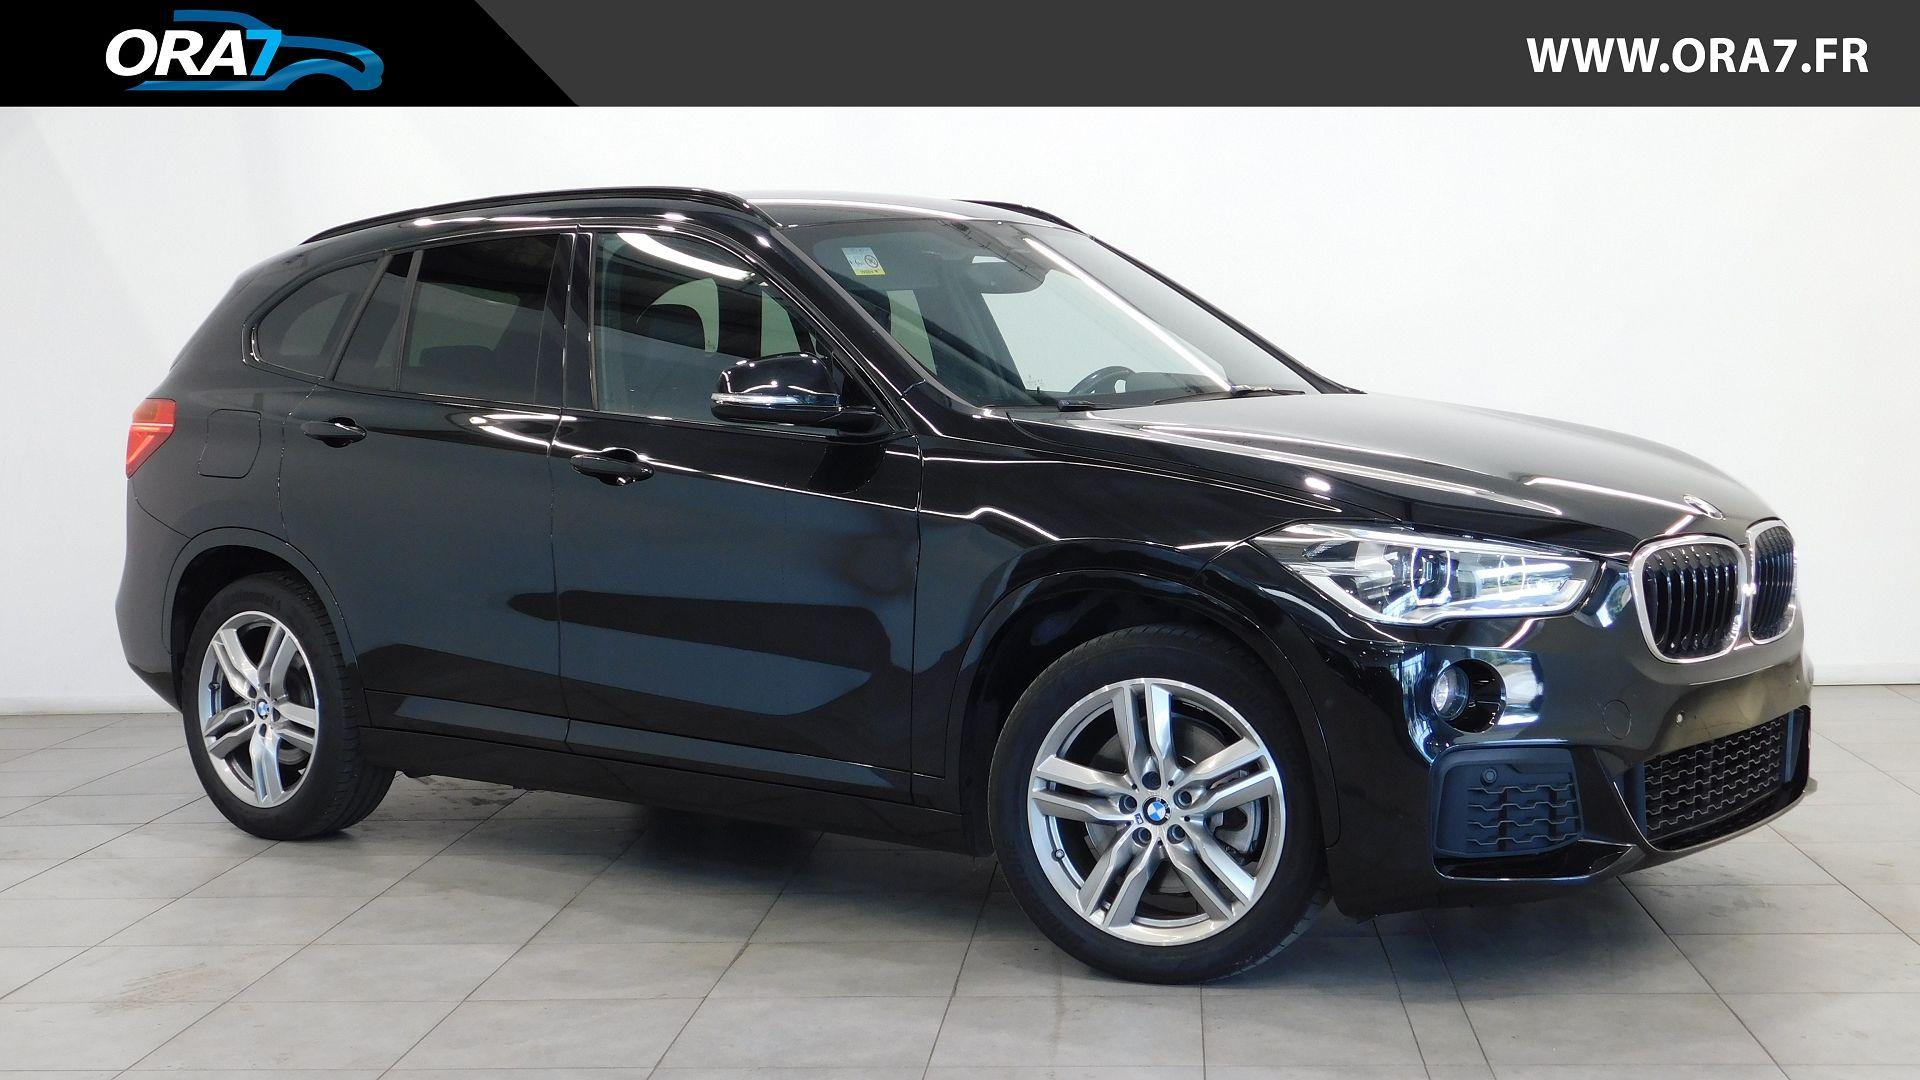 Nouvelle BMW X1 (F48) SDRIVE20DA 190CH M SPORT EURO6D-T d'occasion dans votre centre ORA7